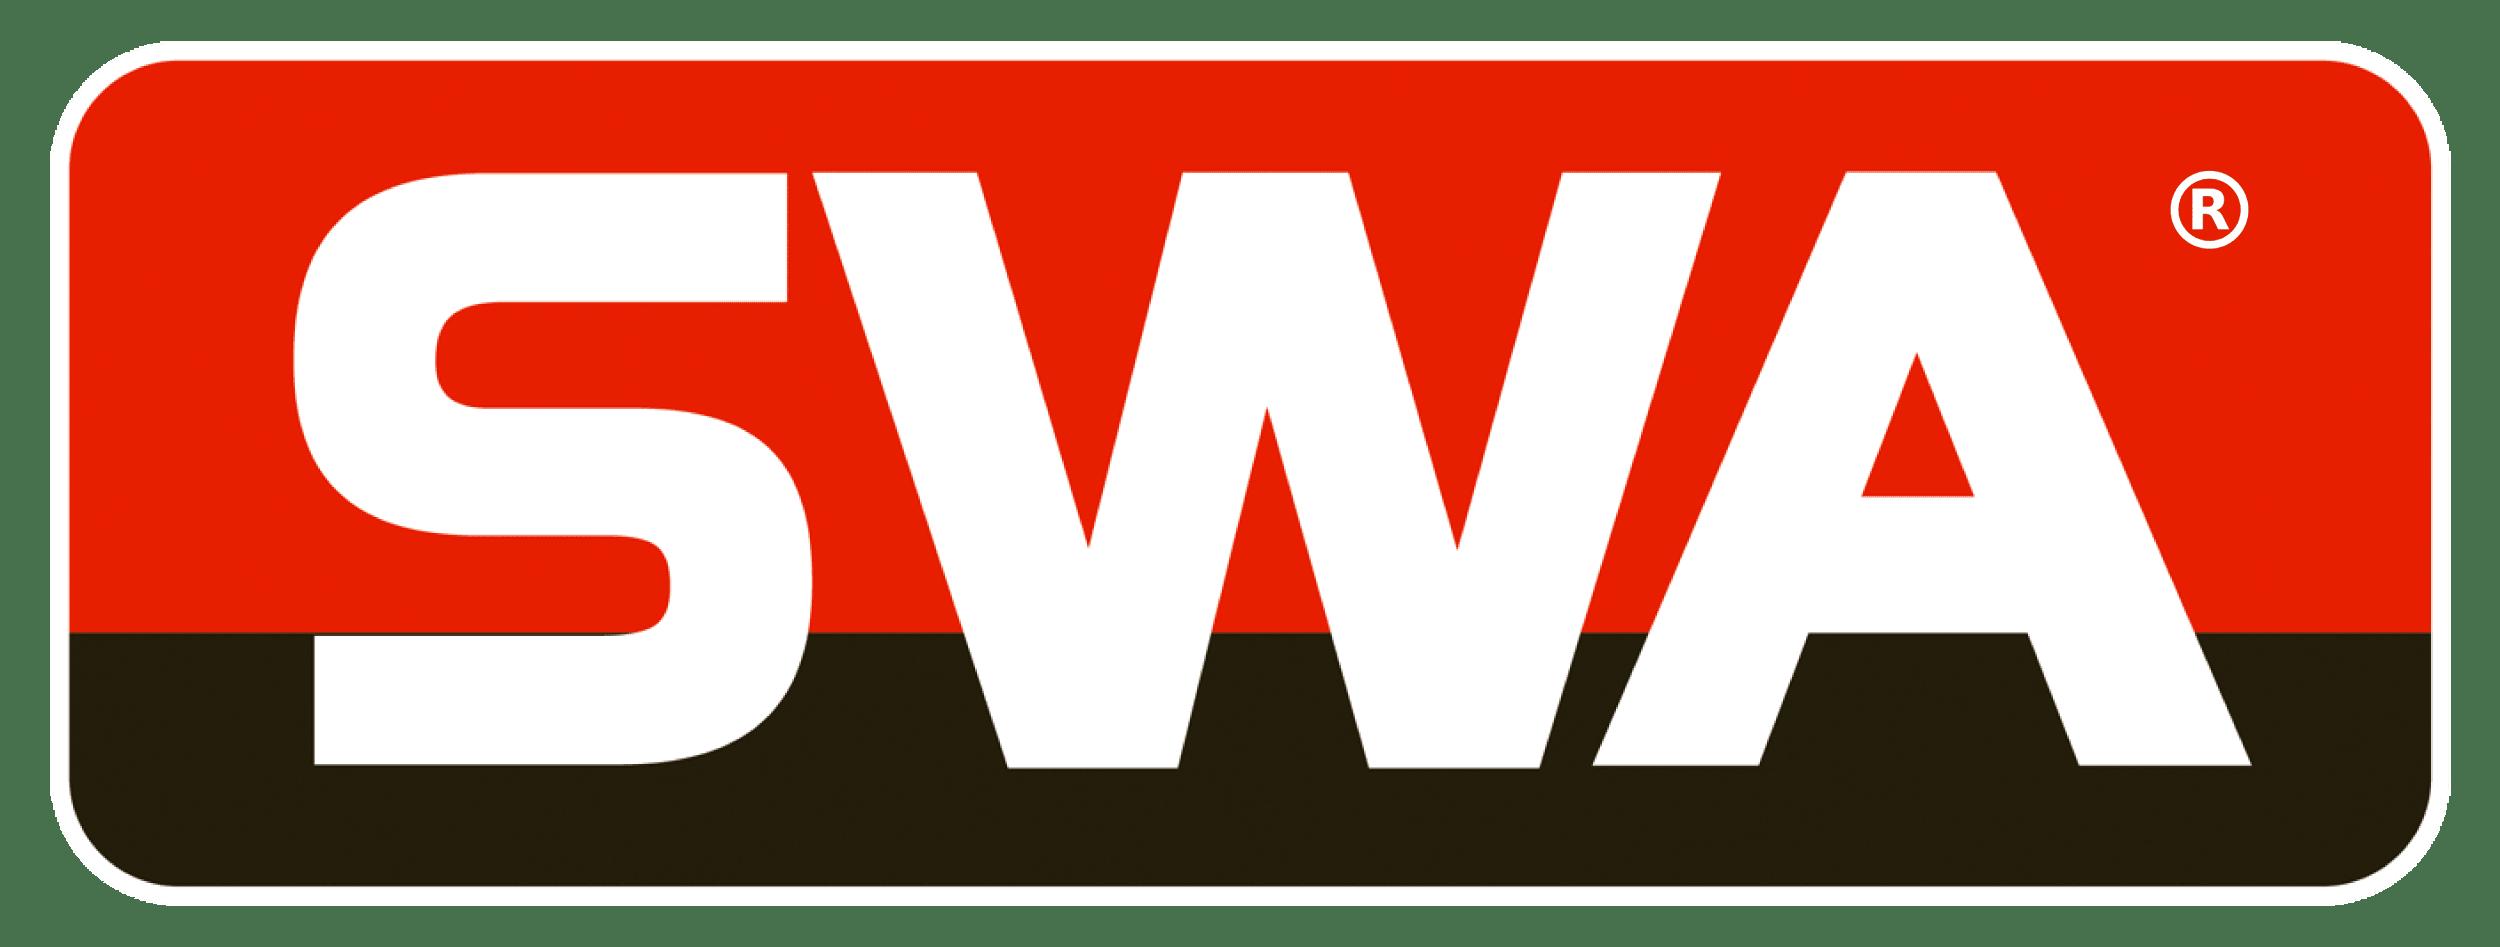 Specialised Wiring Accessories Ltd (SWA Ltd)